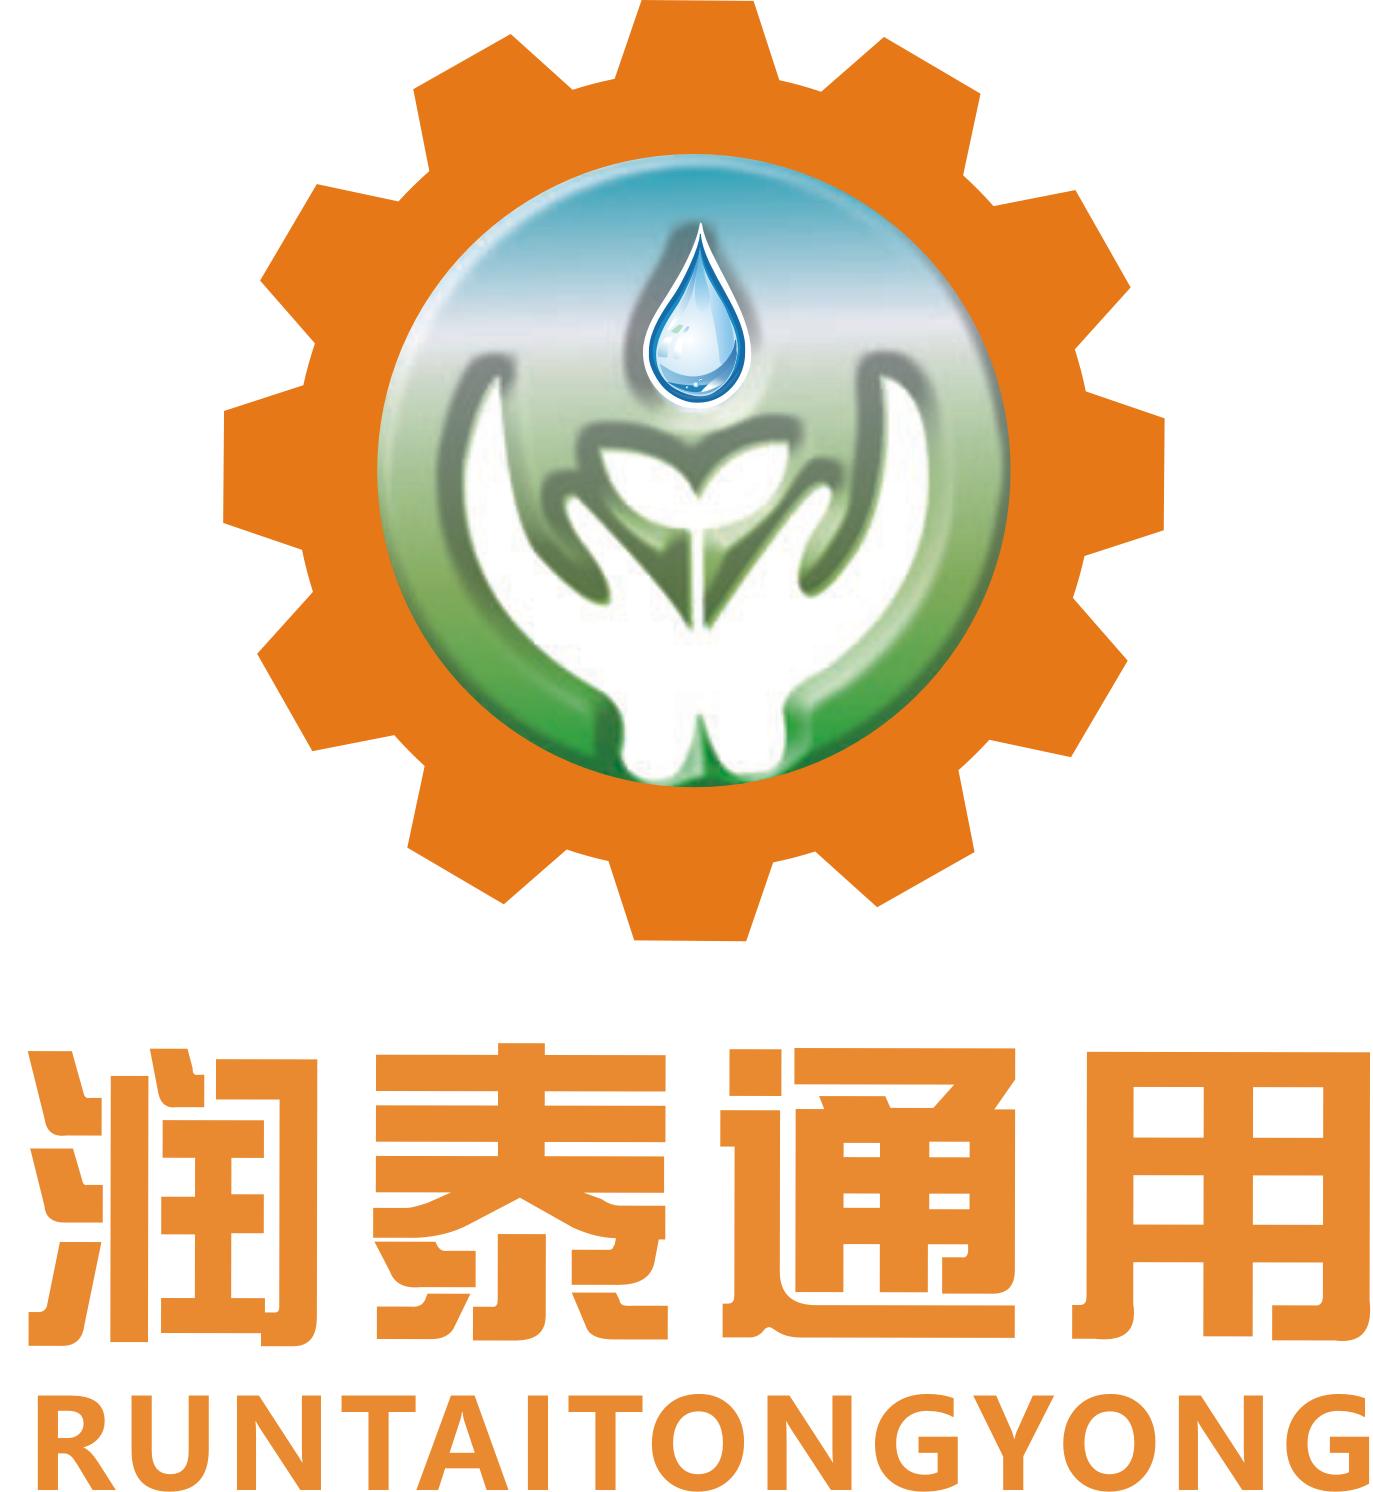 阜阳市润泰通用机械有限公司